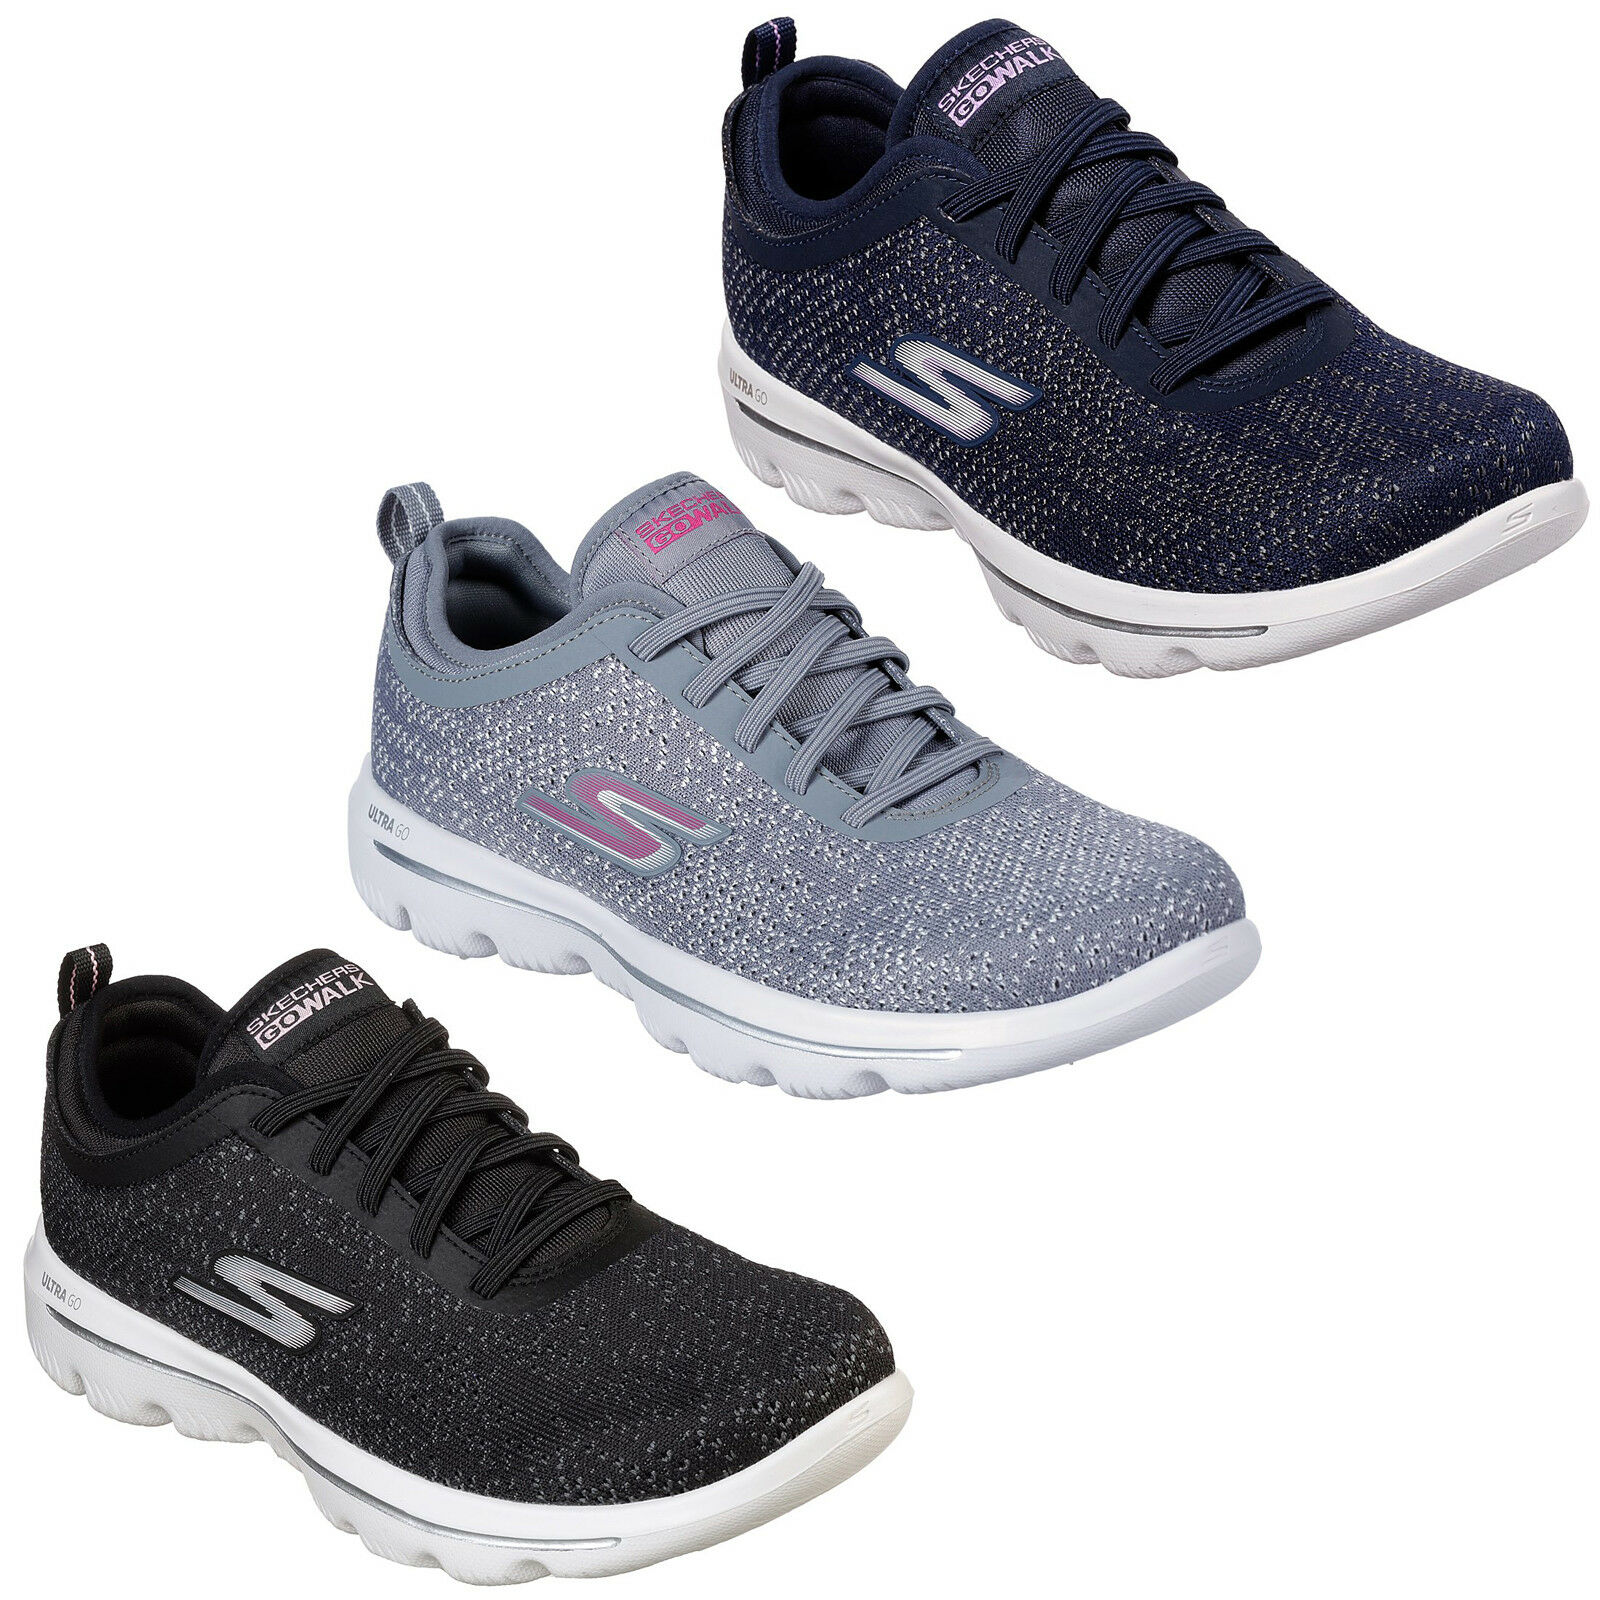 Skechers Gowalk Evolution Ultra - Mirable Turnschuhe Damen Leichter Schuhe 15736